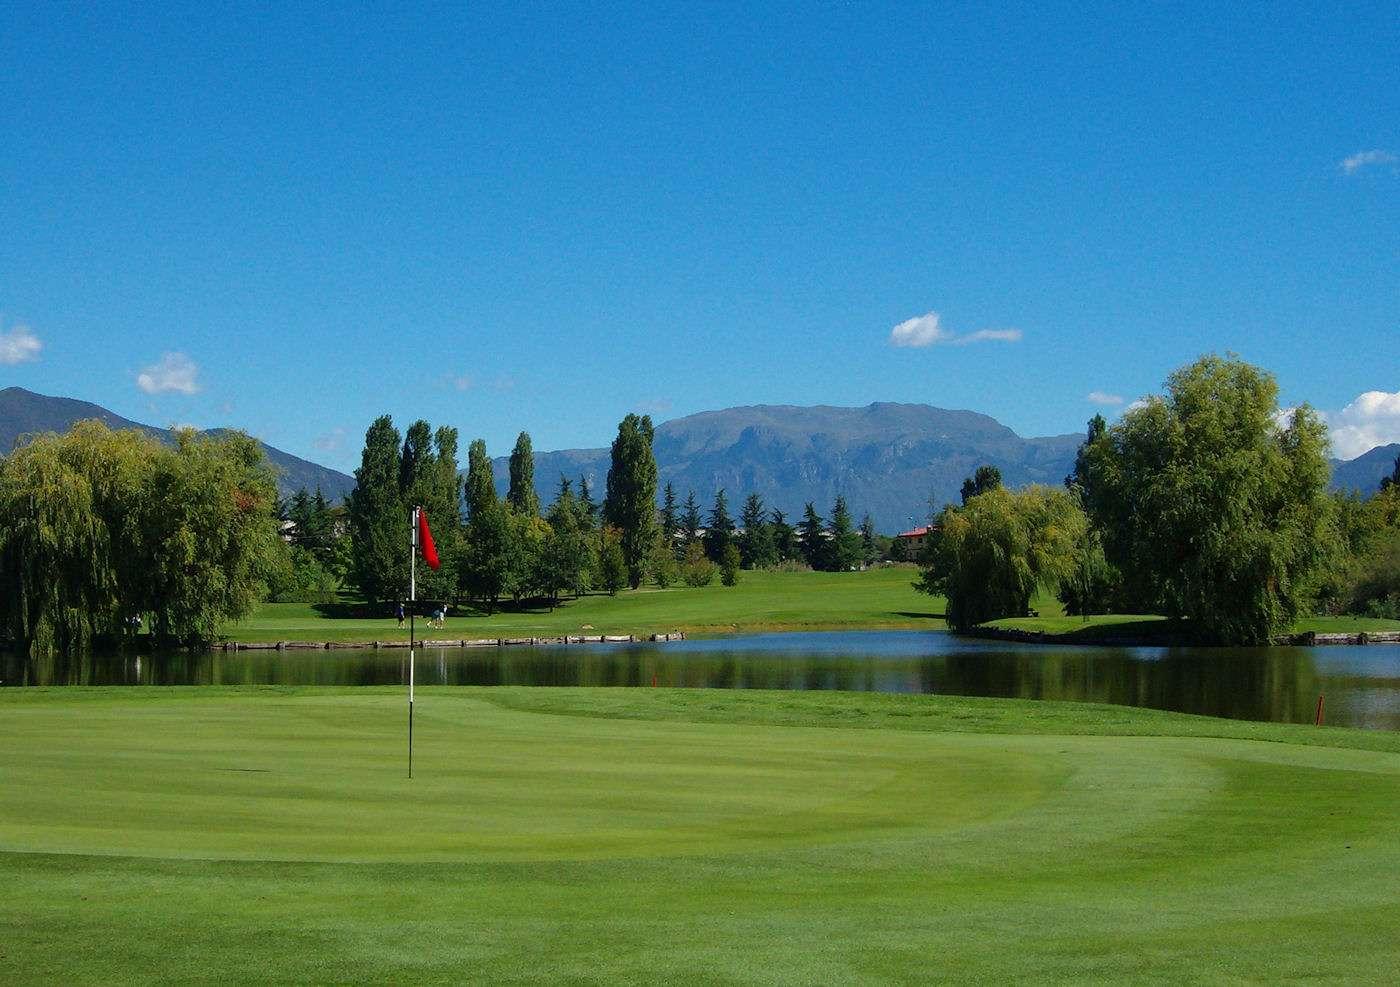 Golfbana med utsikt till bergen